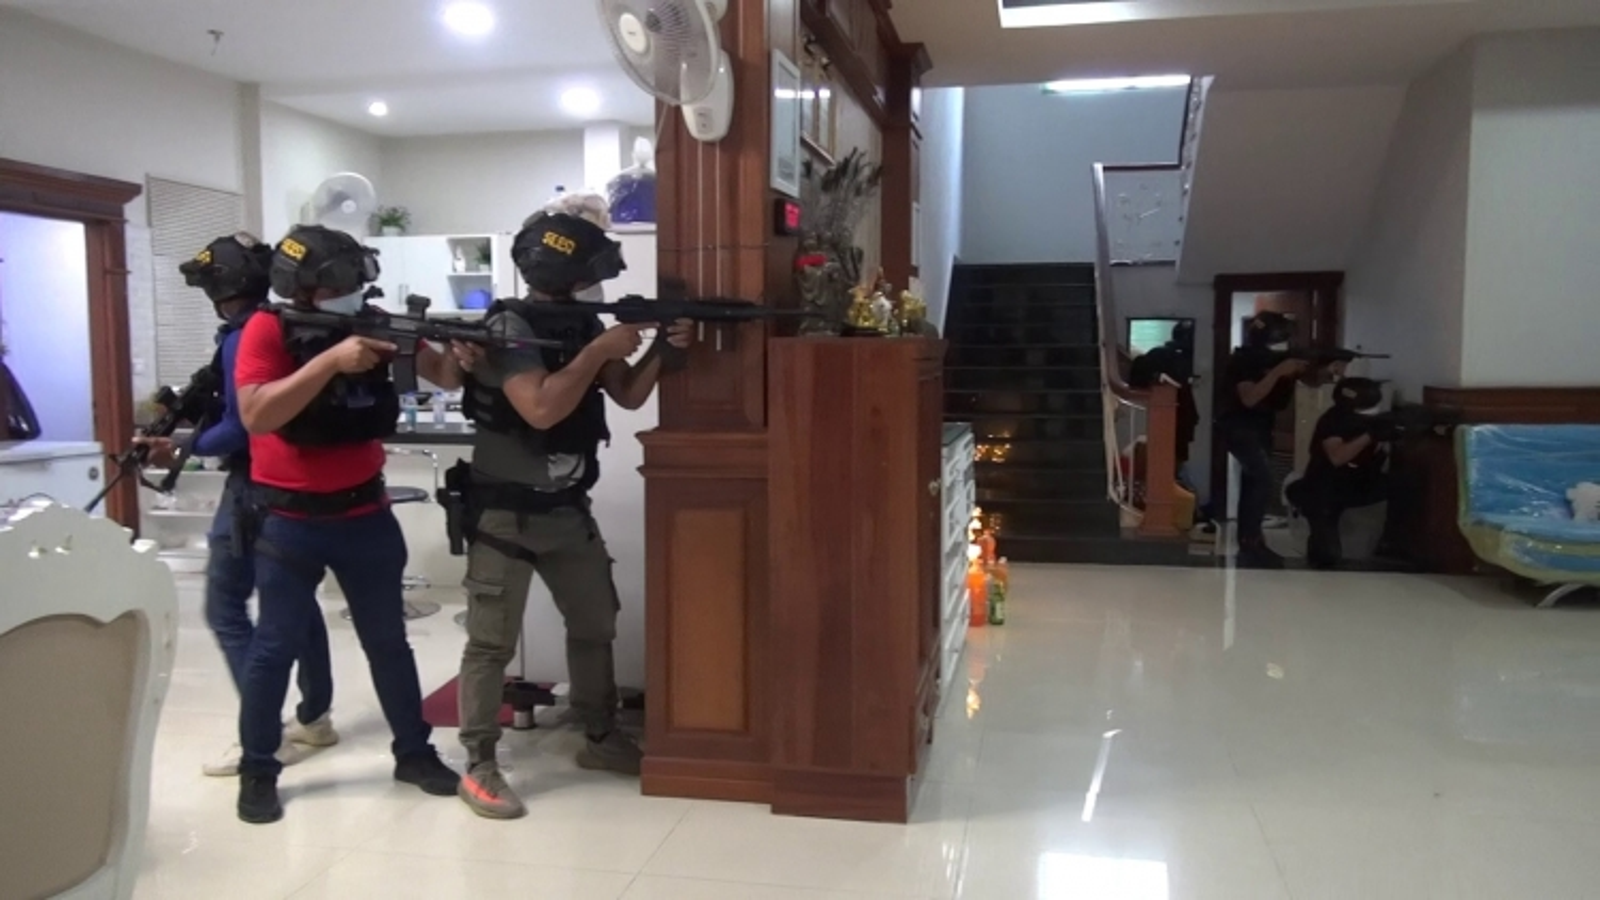 Campuchia tiêu diệt 4 đối tượng âm mưu bắt cóc đòi 1 triệu USD tiền chuộc